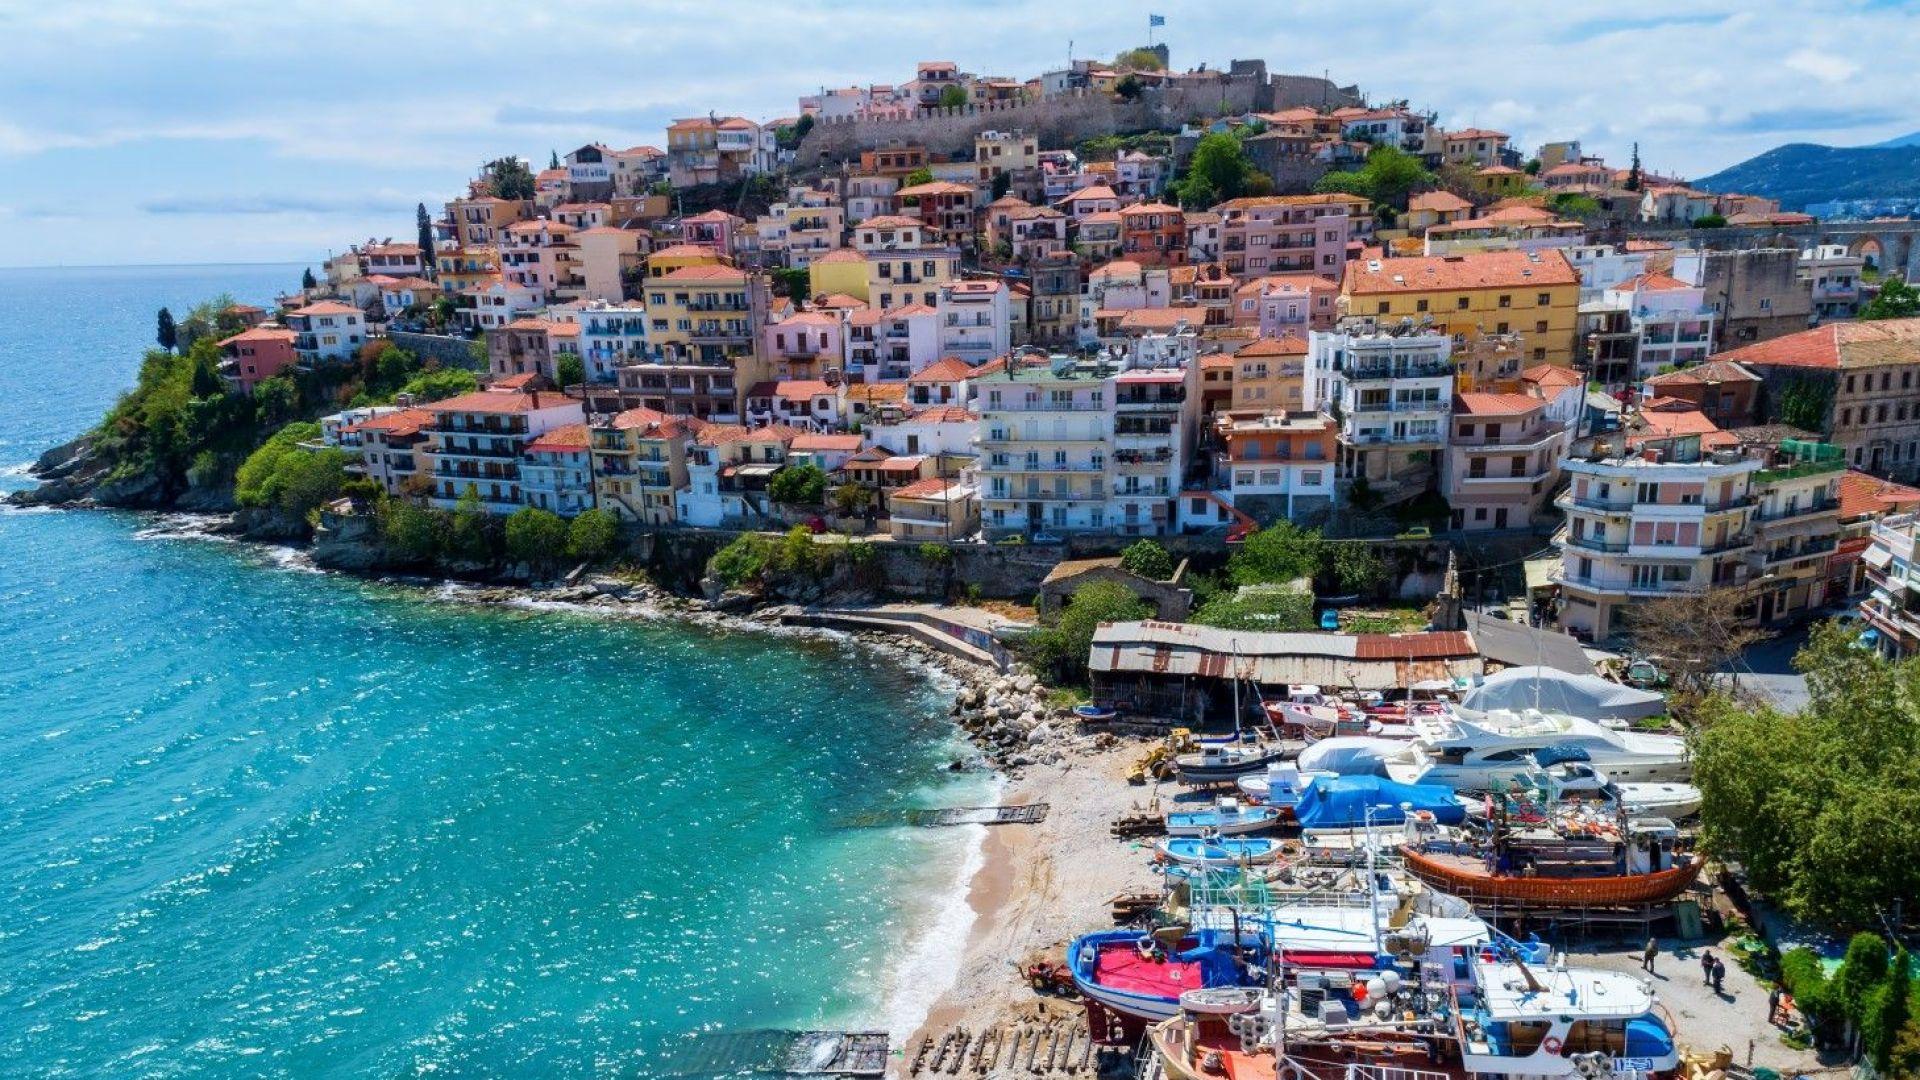 Българи и турци си харесаха Кавала за почивките си